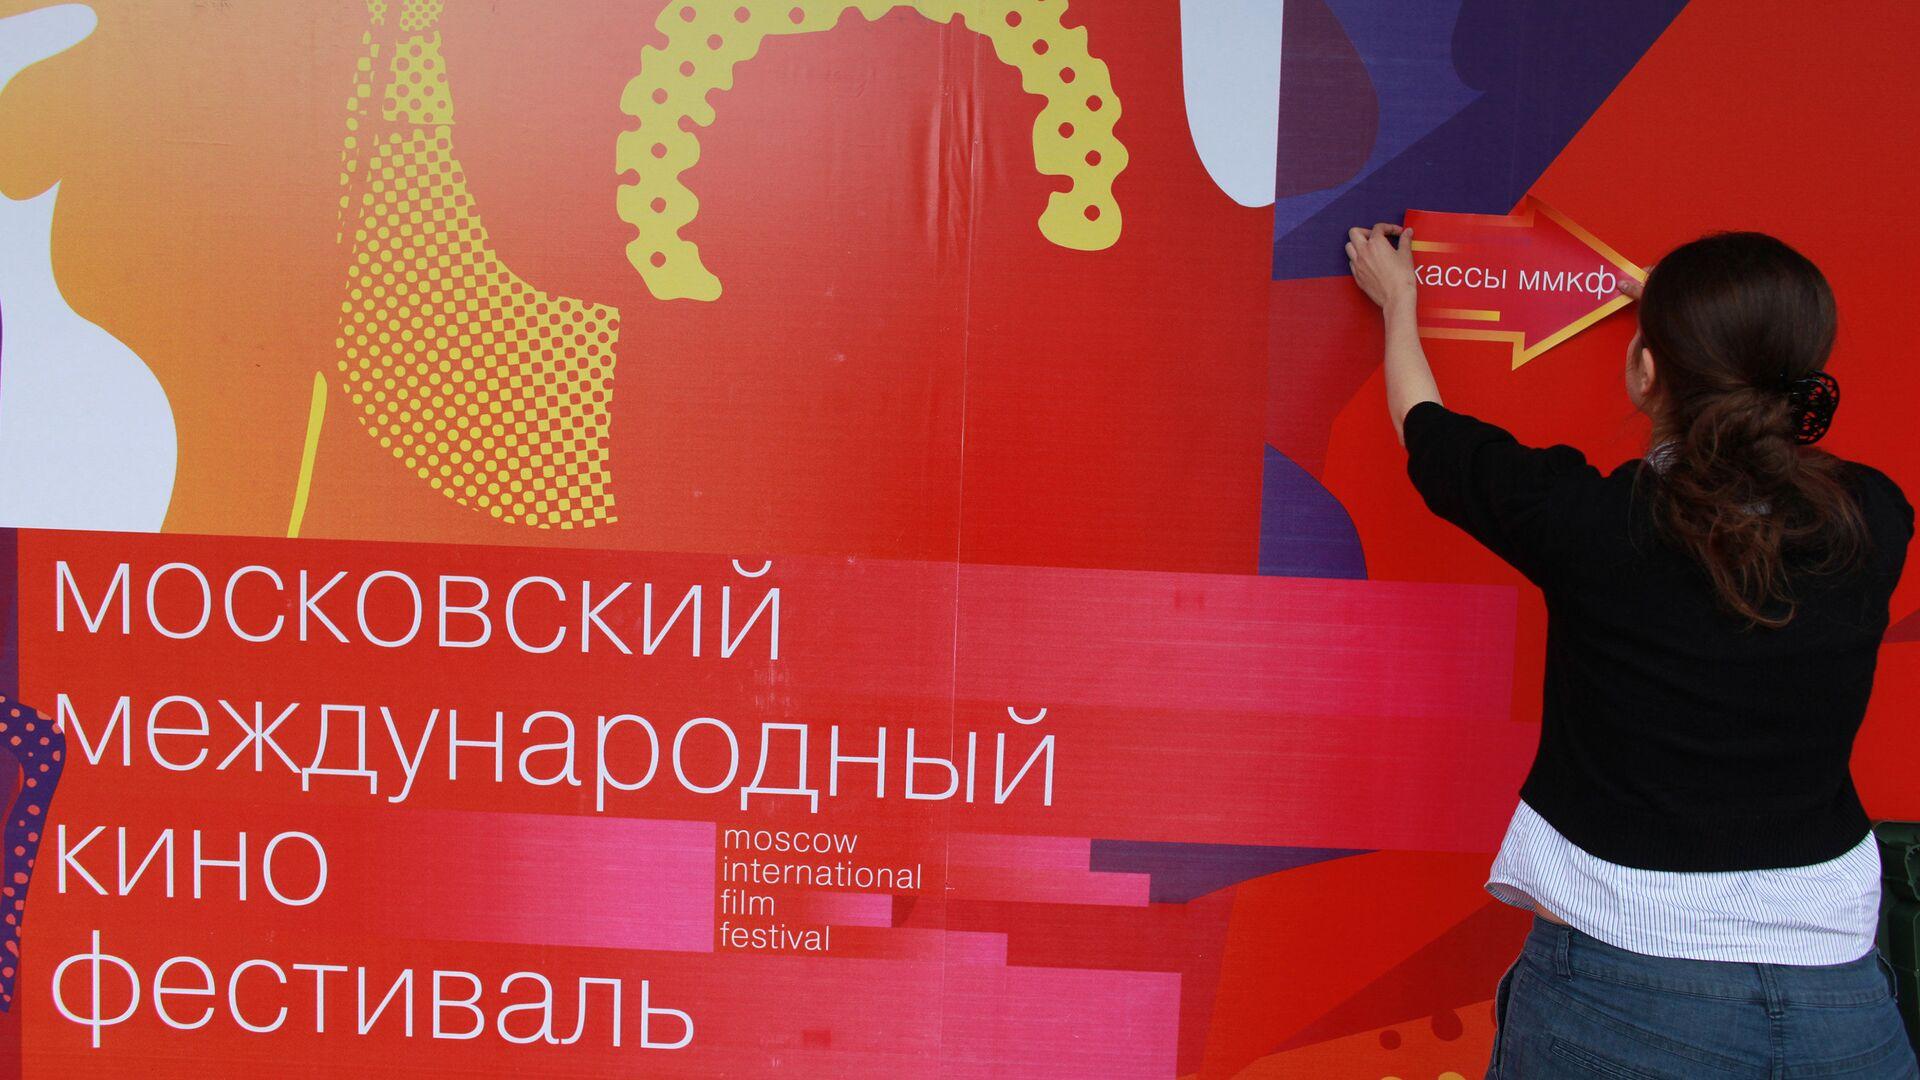 Подготовка к ММКФ в Москве - РИА Новости, 1920, 03.08.2019